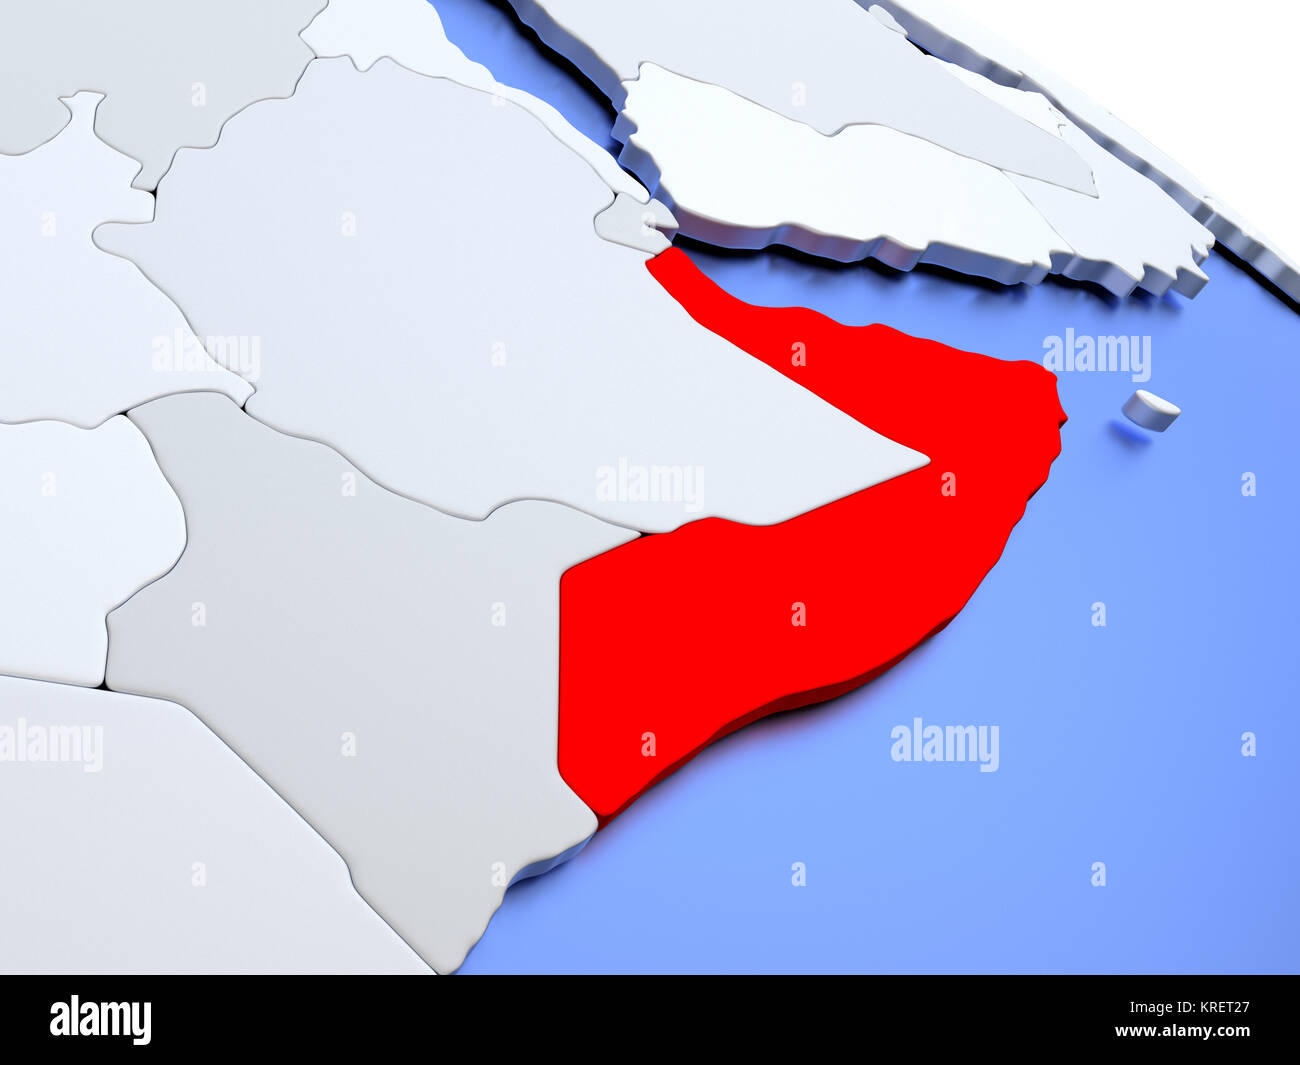 World Map Somolia.Somalia On World Map Stock Photo 169356607 Alamy